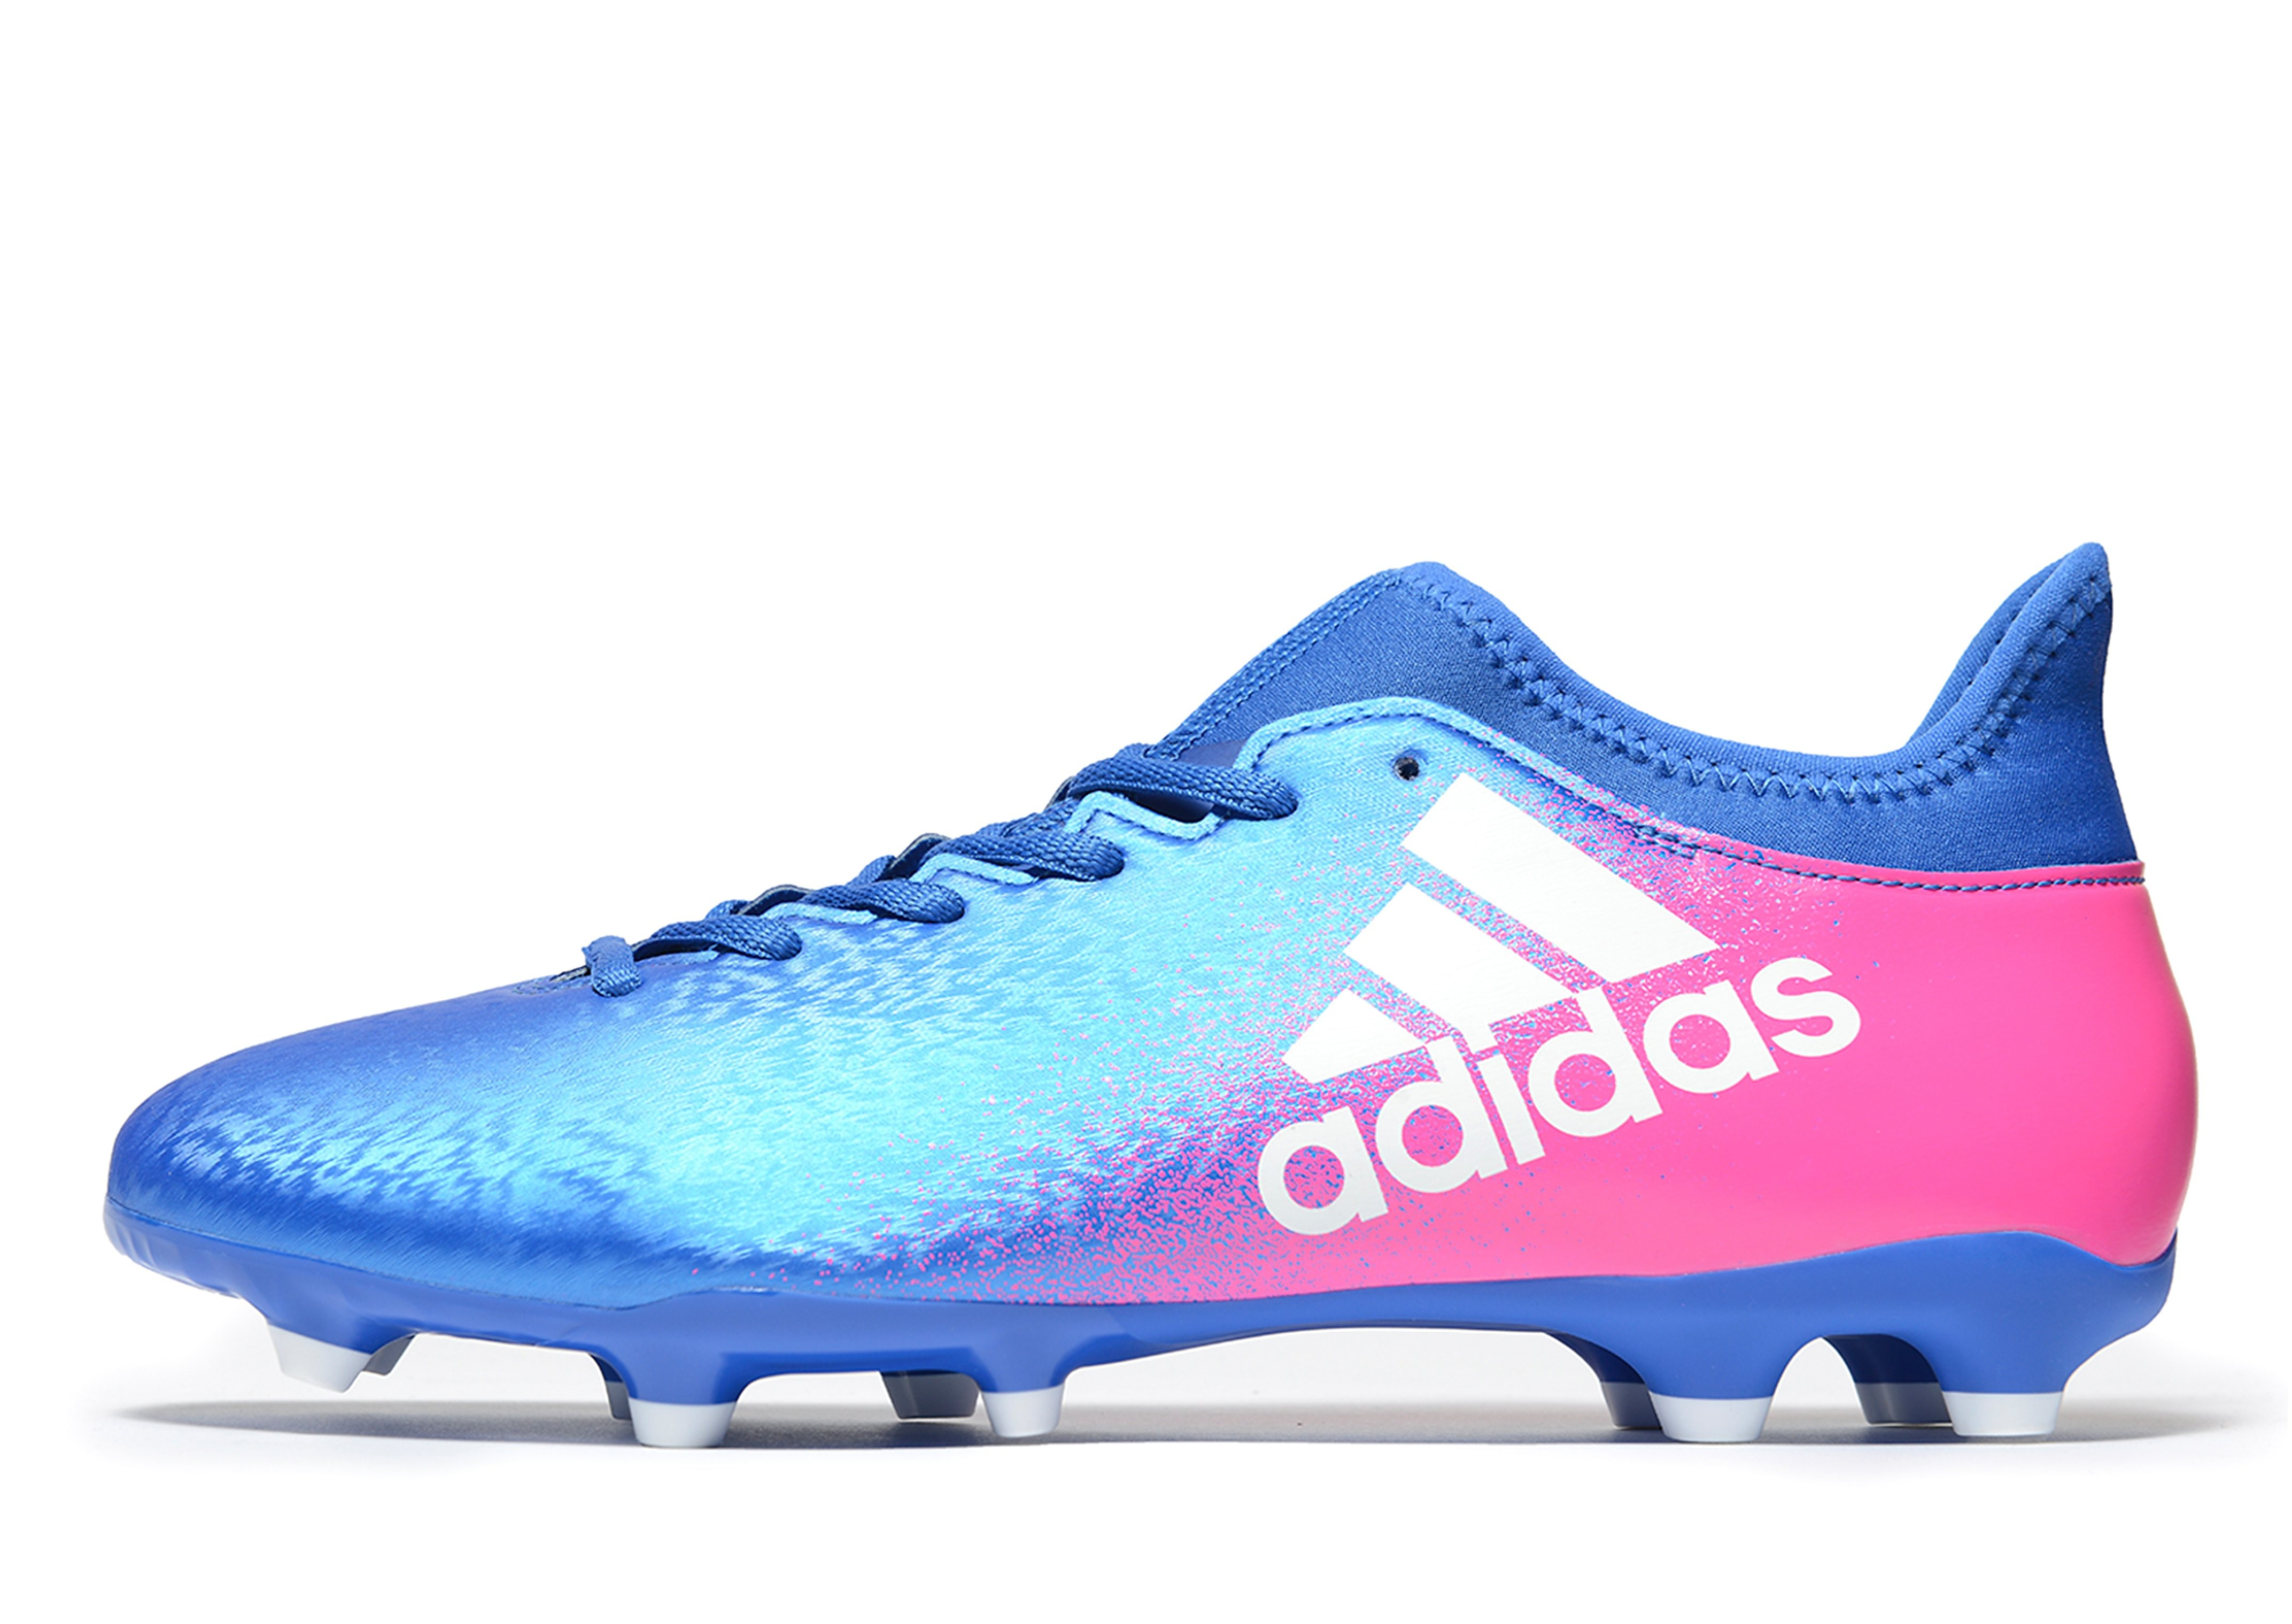 adidas Blue Blast X 16.3 FG